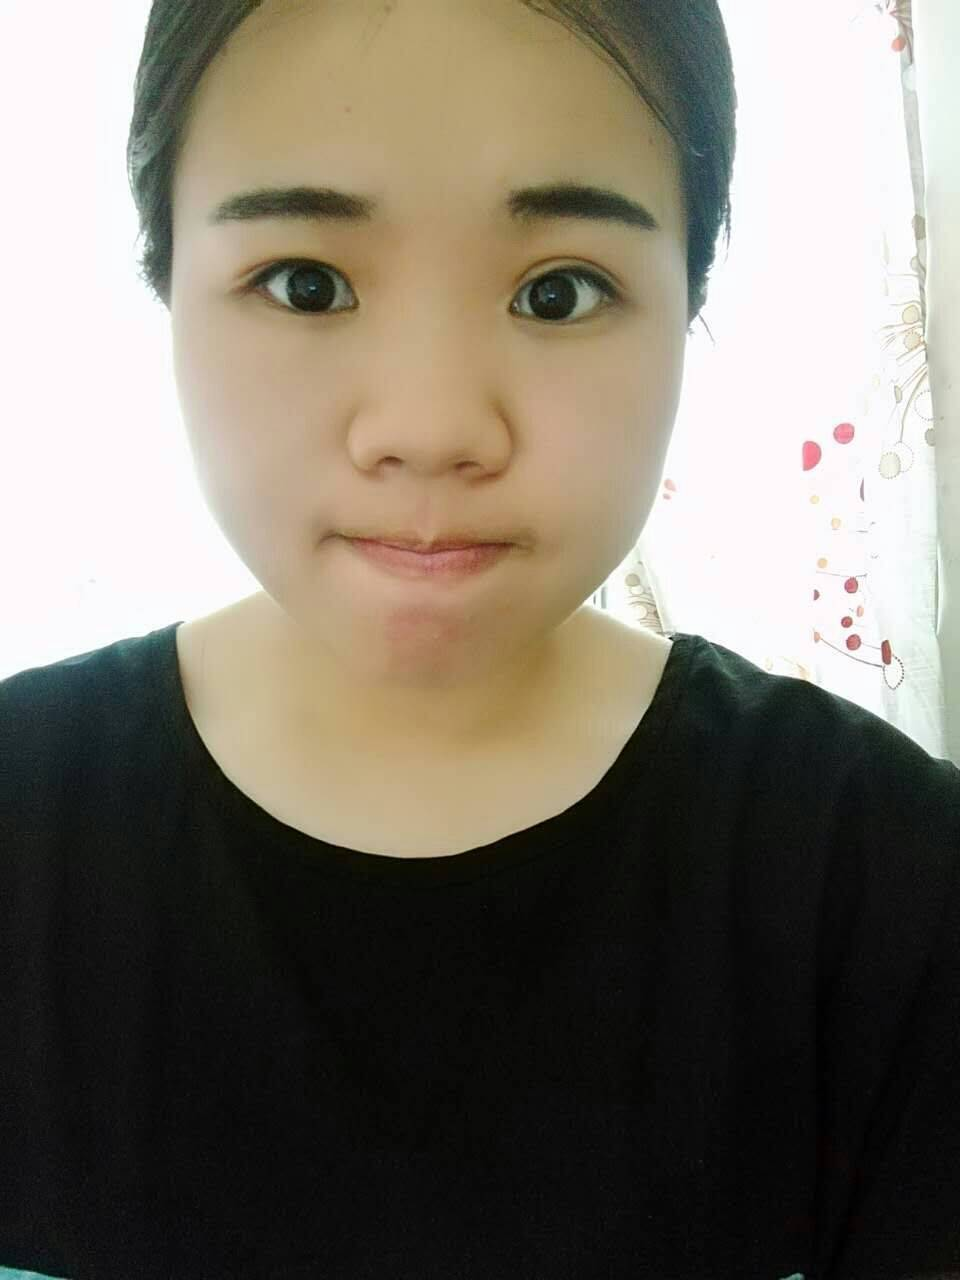 八大处整形外科医院刘伟怎么样?双眼皮案例反馈_收费标准